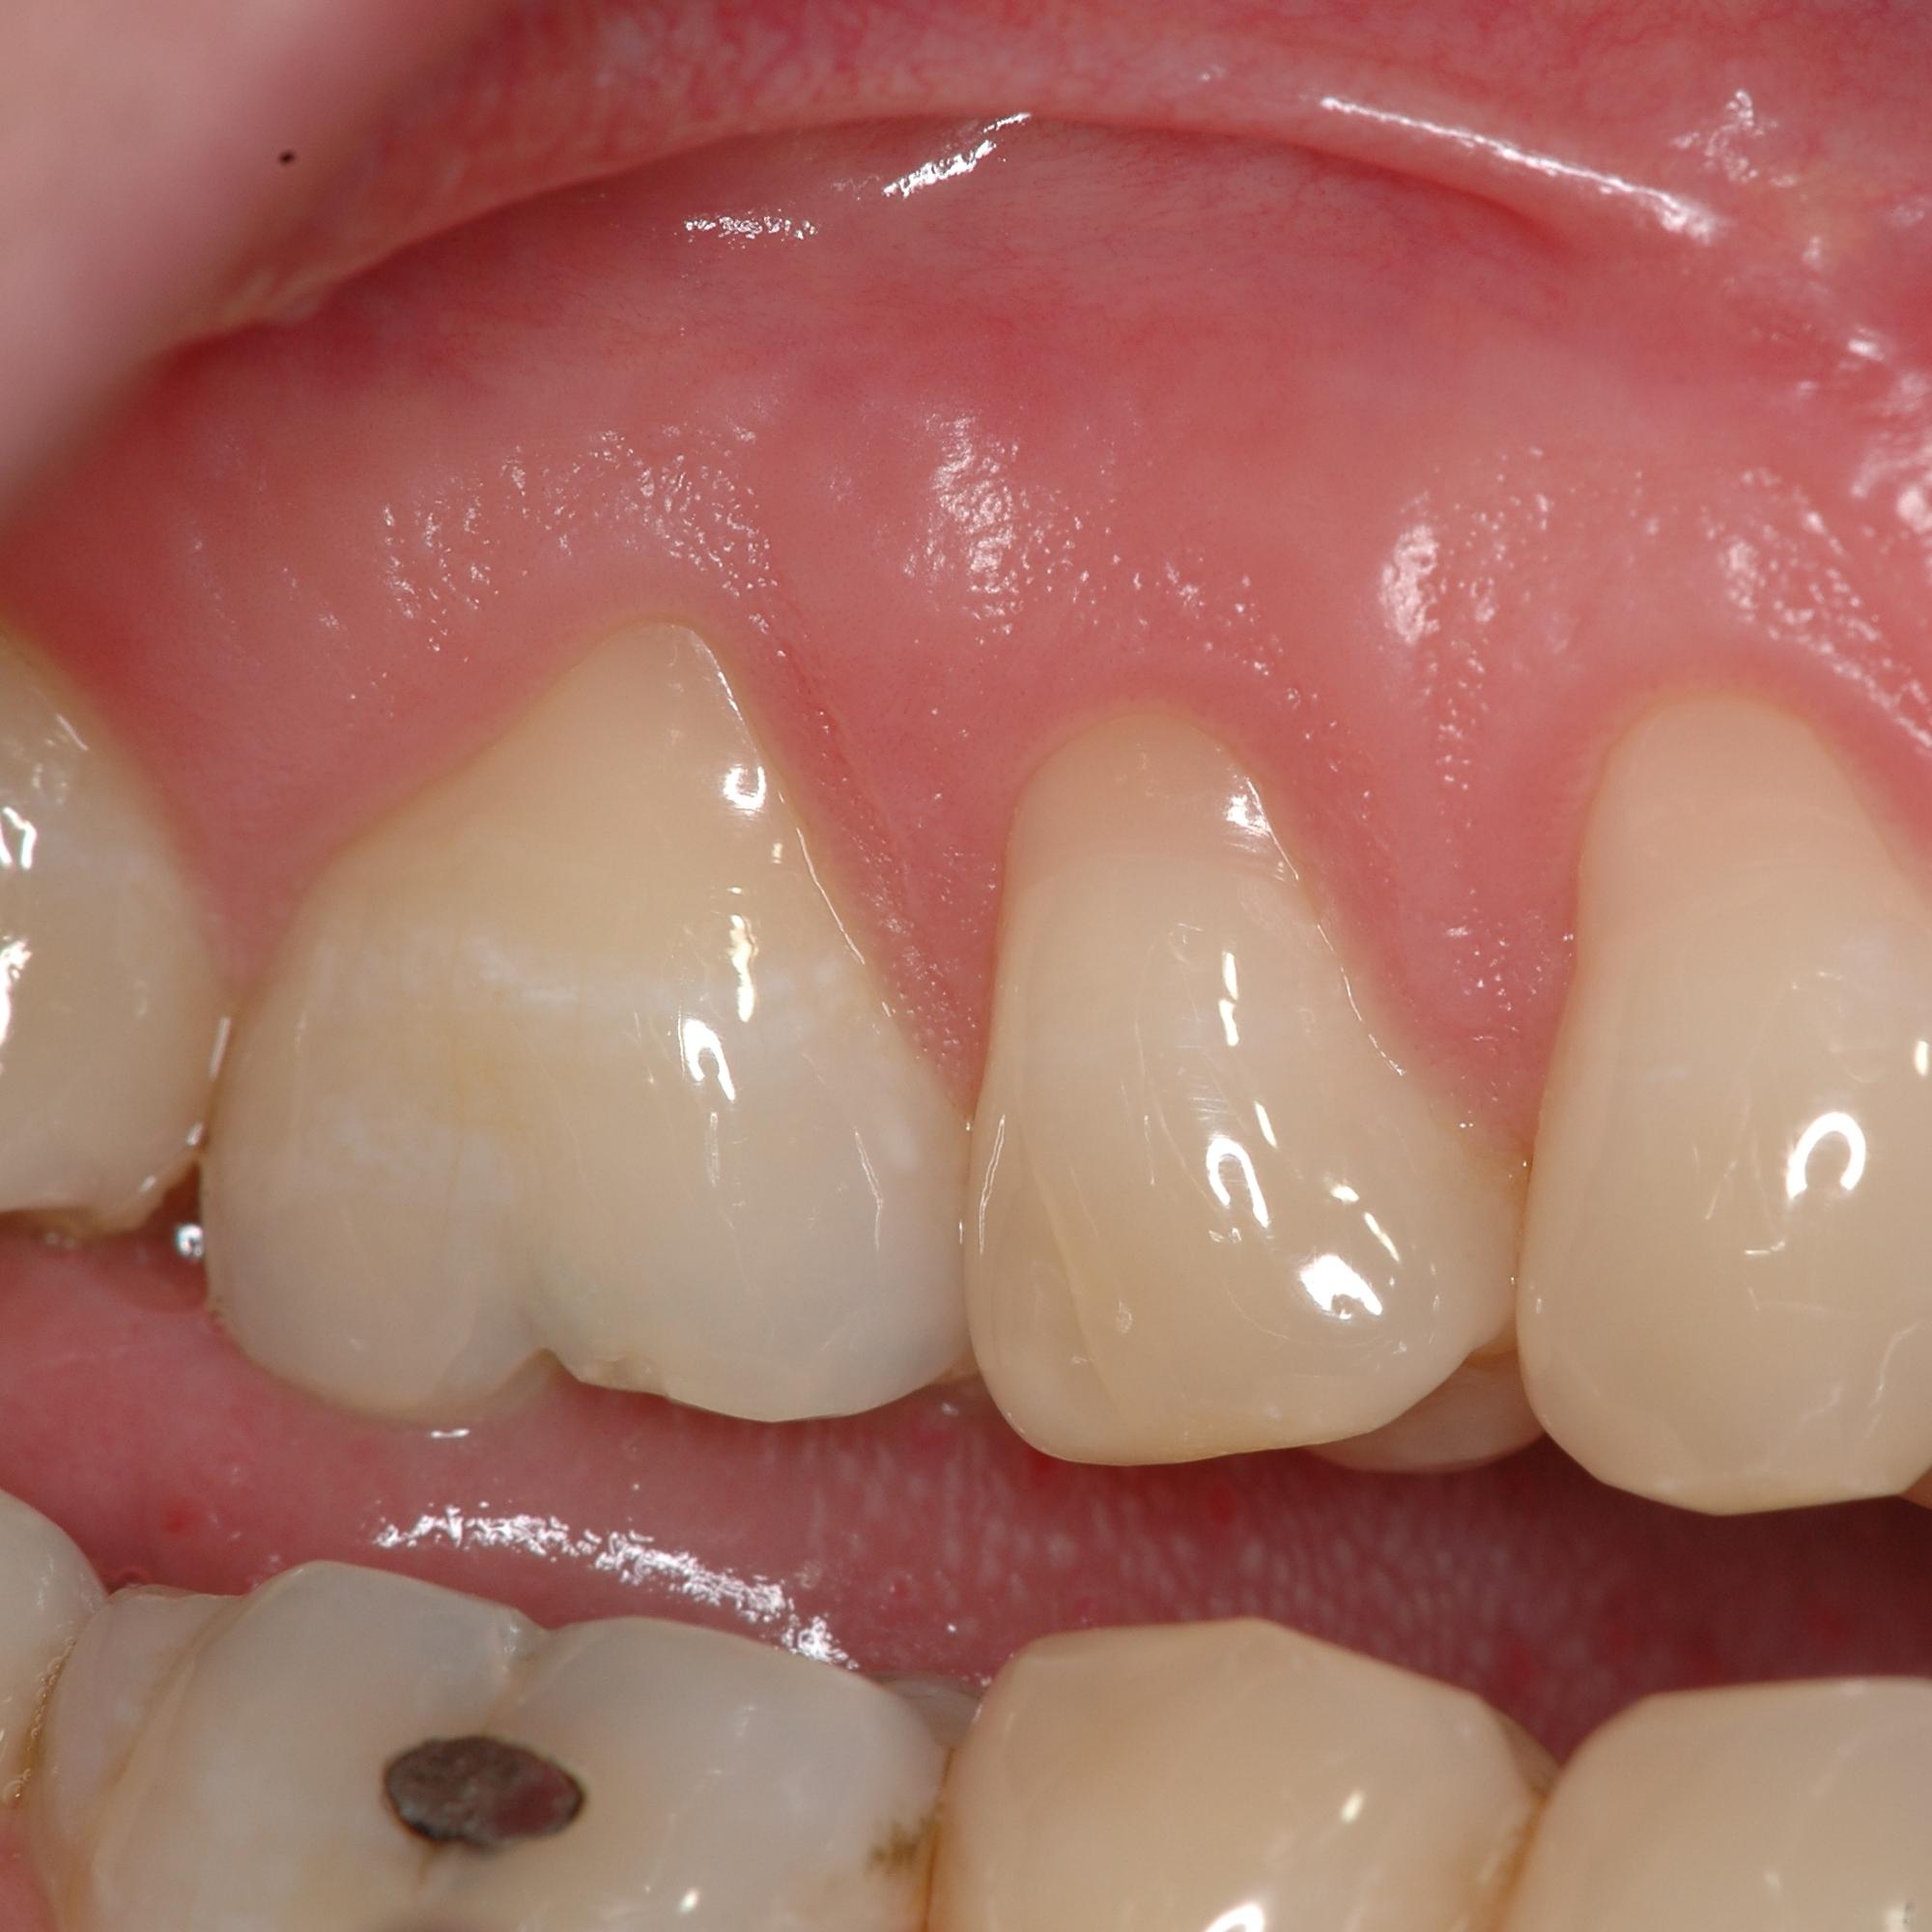 Zähne schmerzen nebenhöhlen ALLE MEINE